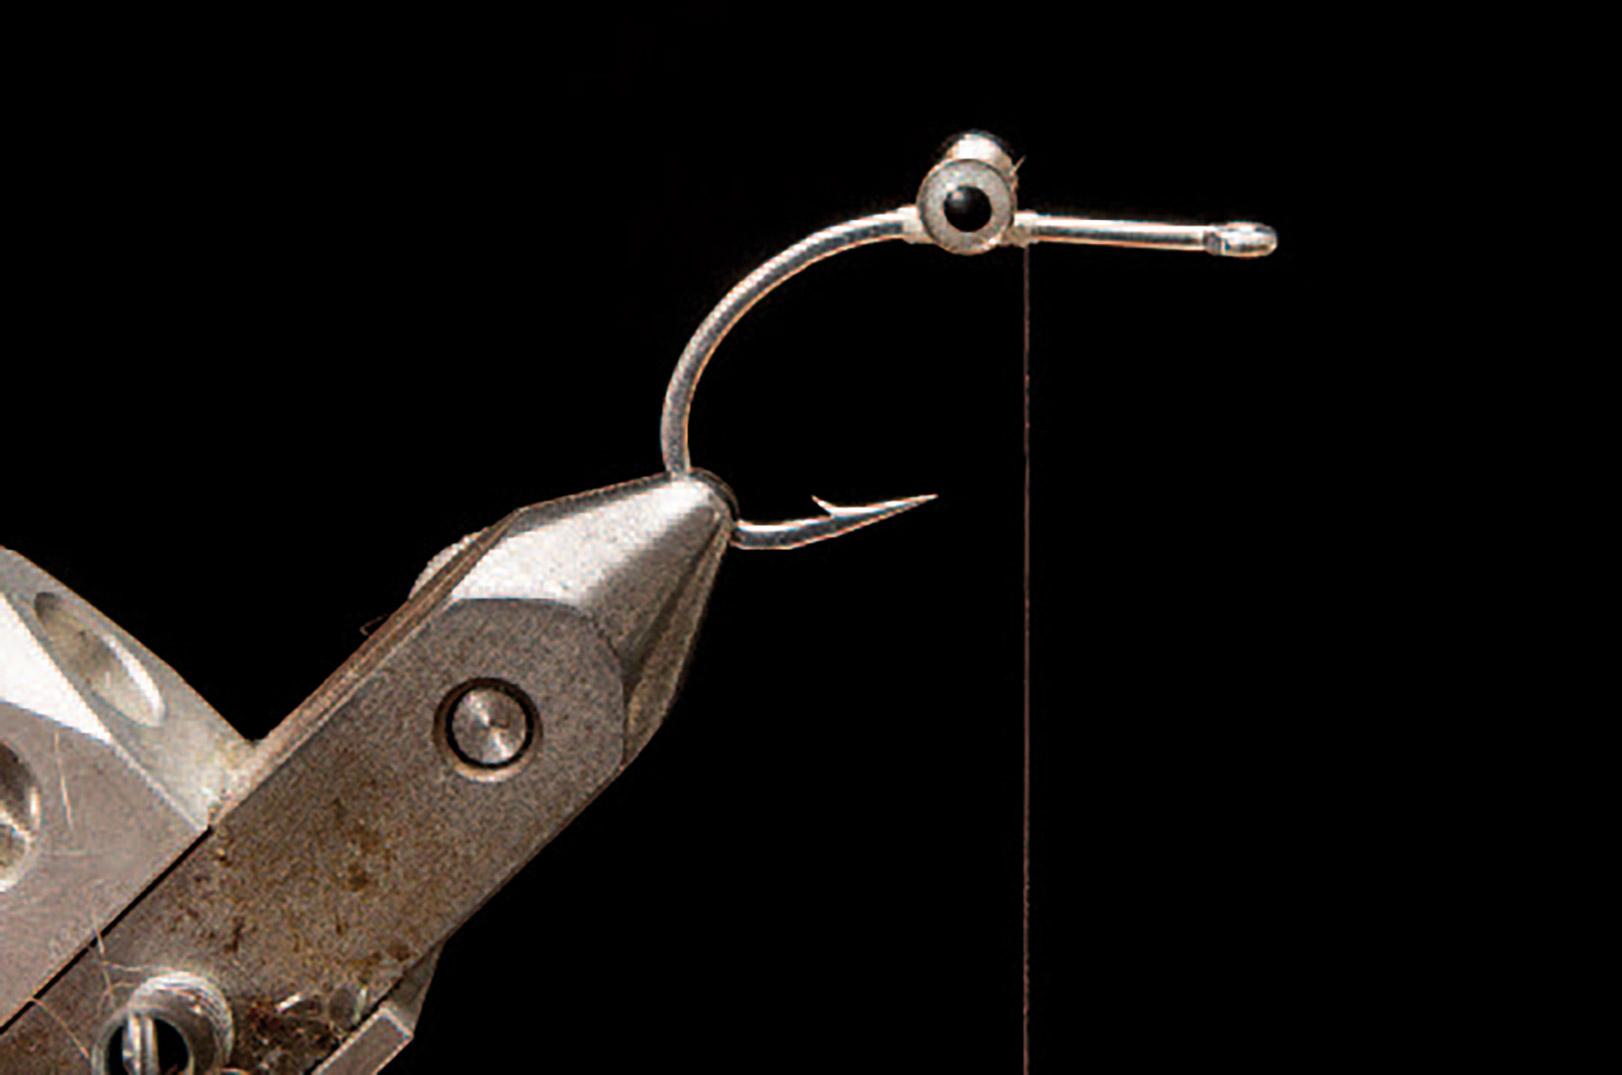 1: Bind dine dumbbell øjne ind på oversiden af krogen og giv efterfølgende en klat lim eller lak. De skal bindes godt fast så de ikke roterer under brug. Her er øjnene bundet ind nærmest lige over krogspidsen, men ved at rykke dem frem eller tilbage får man en mere eller mindre jiggende gang.